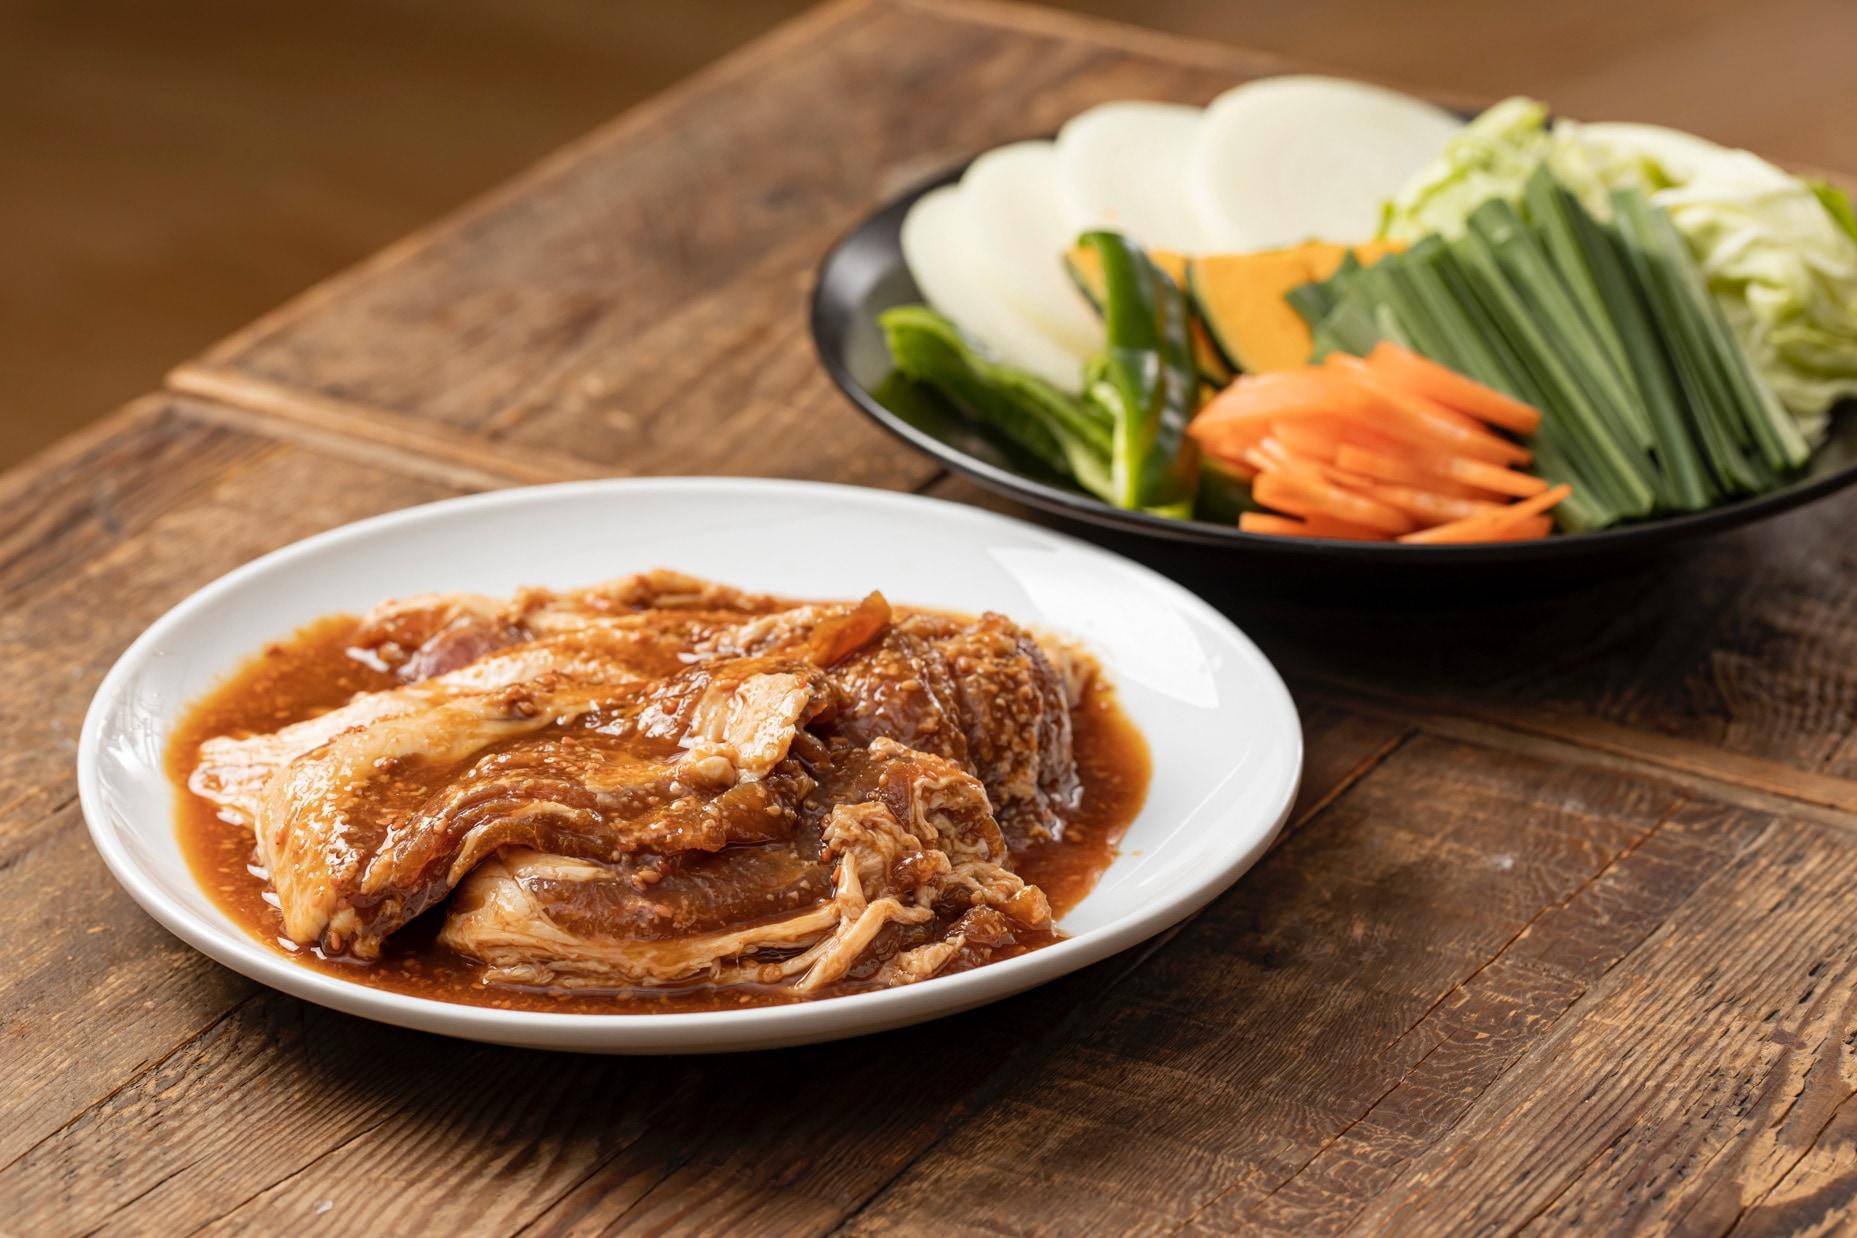 奇跡の日本酒「久蔵翁」の酒粕を使用した小料理なごみの「きたひろ豚ジンギスカン」,特製の味付きタレに漬かった北海道産豚肉ジンギスカンと野菜